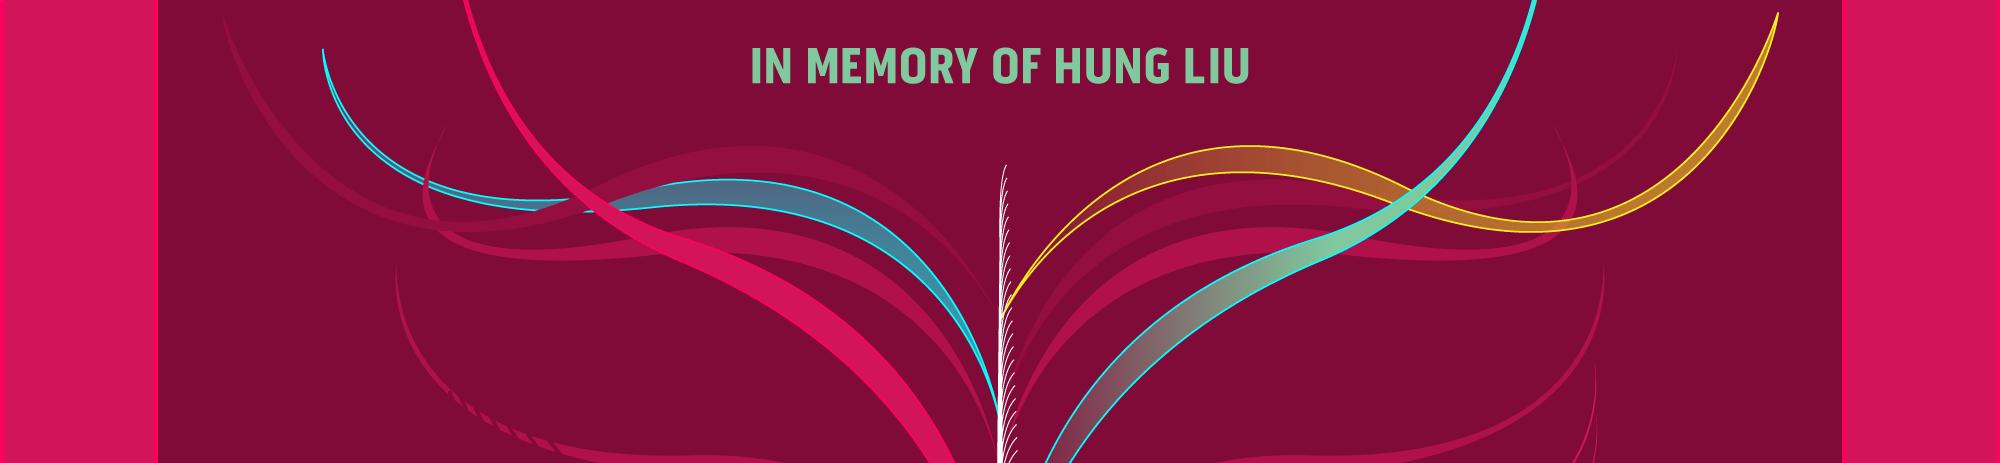 In Memory of Hung Liu